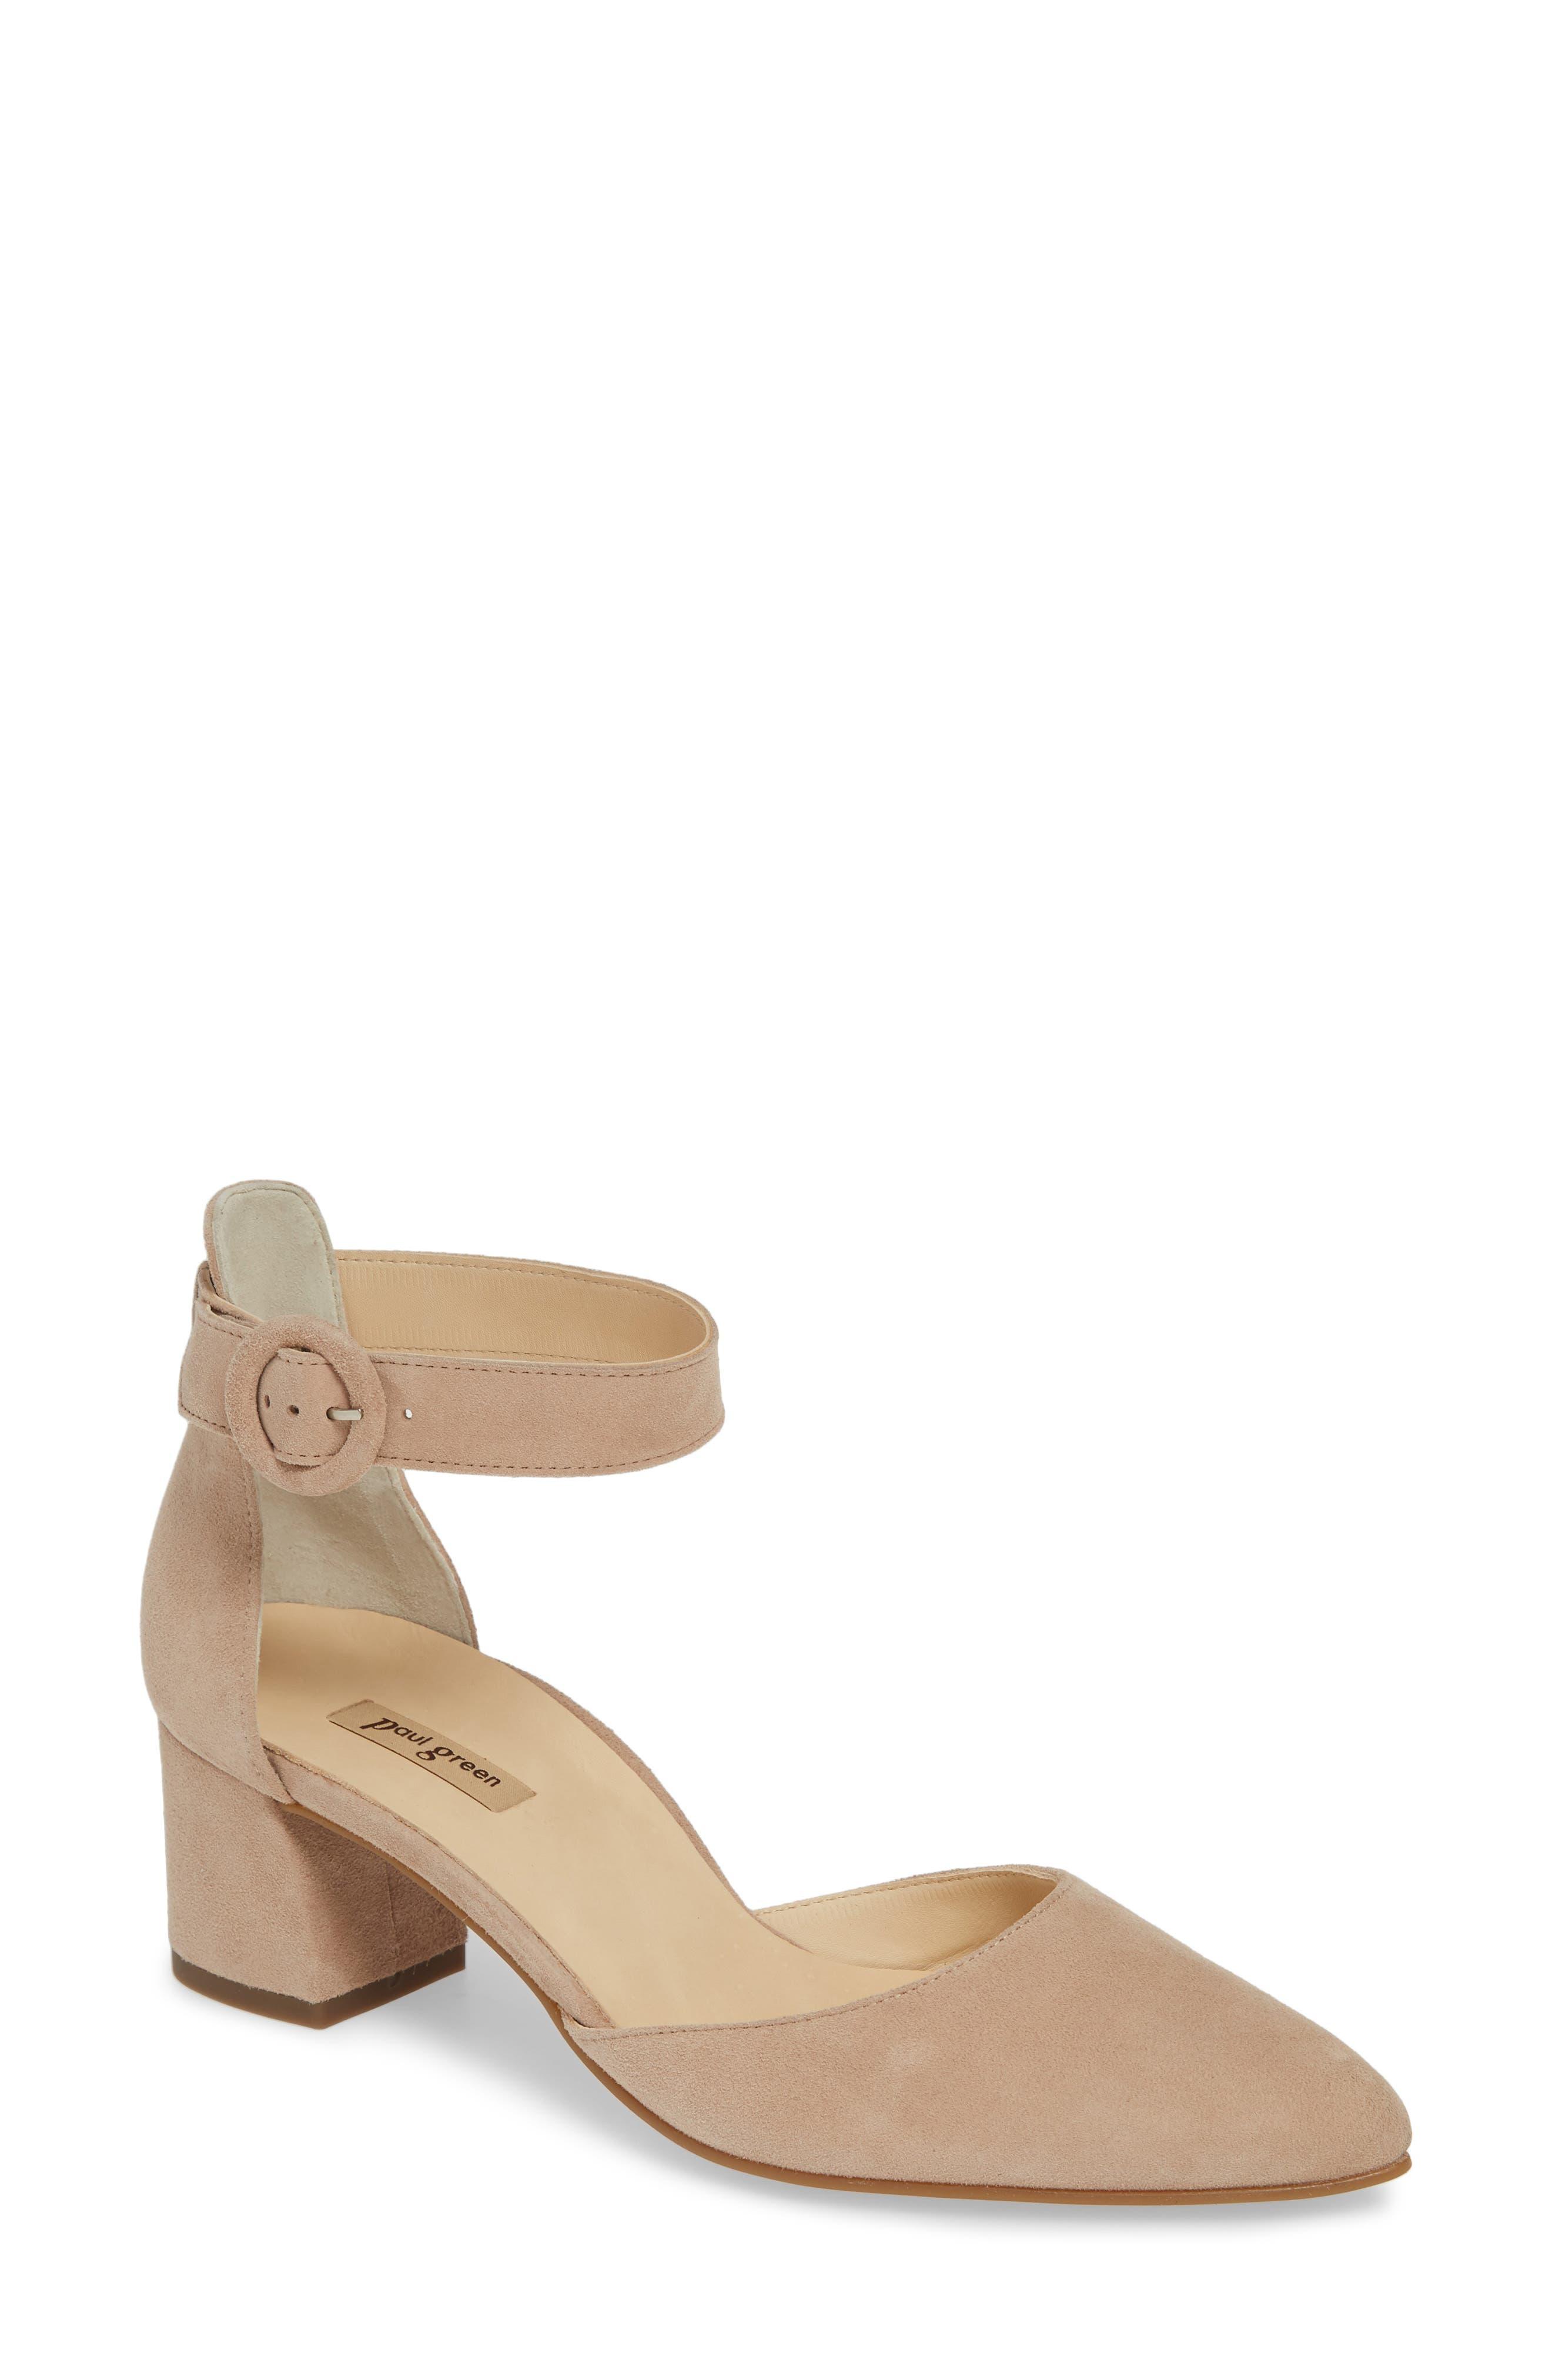 Paul Green Annie Ankle Strap Pump - Beige